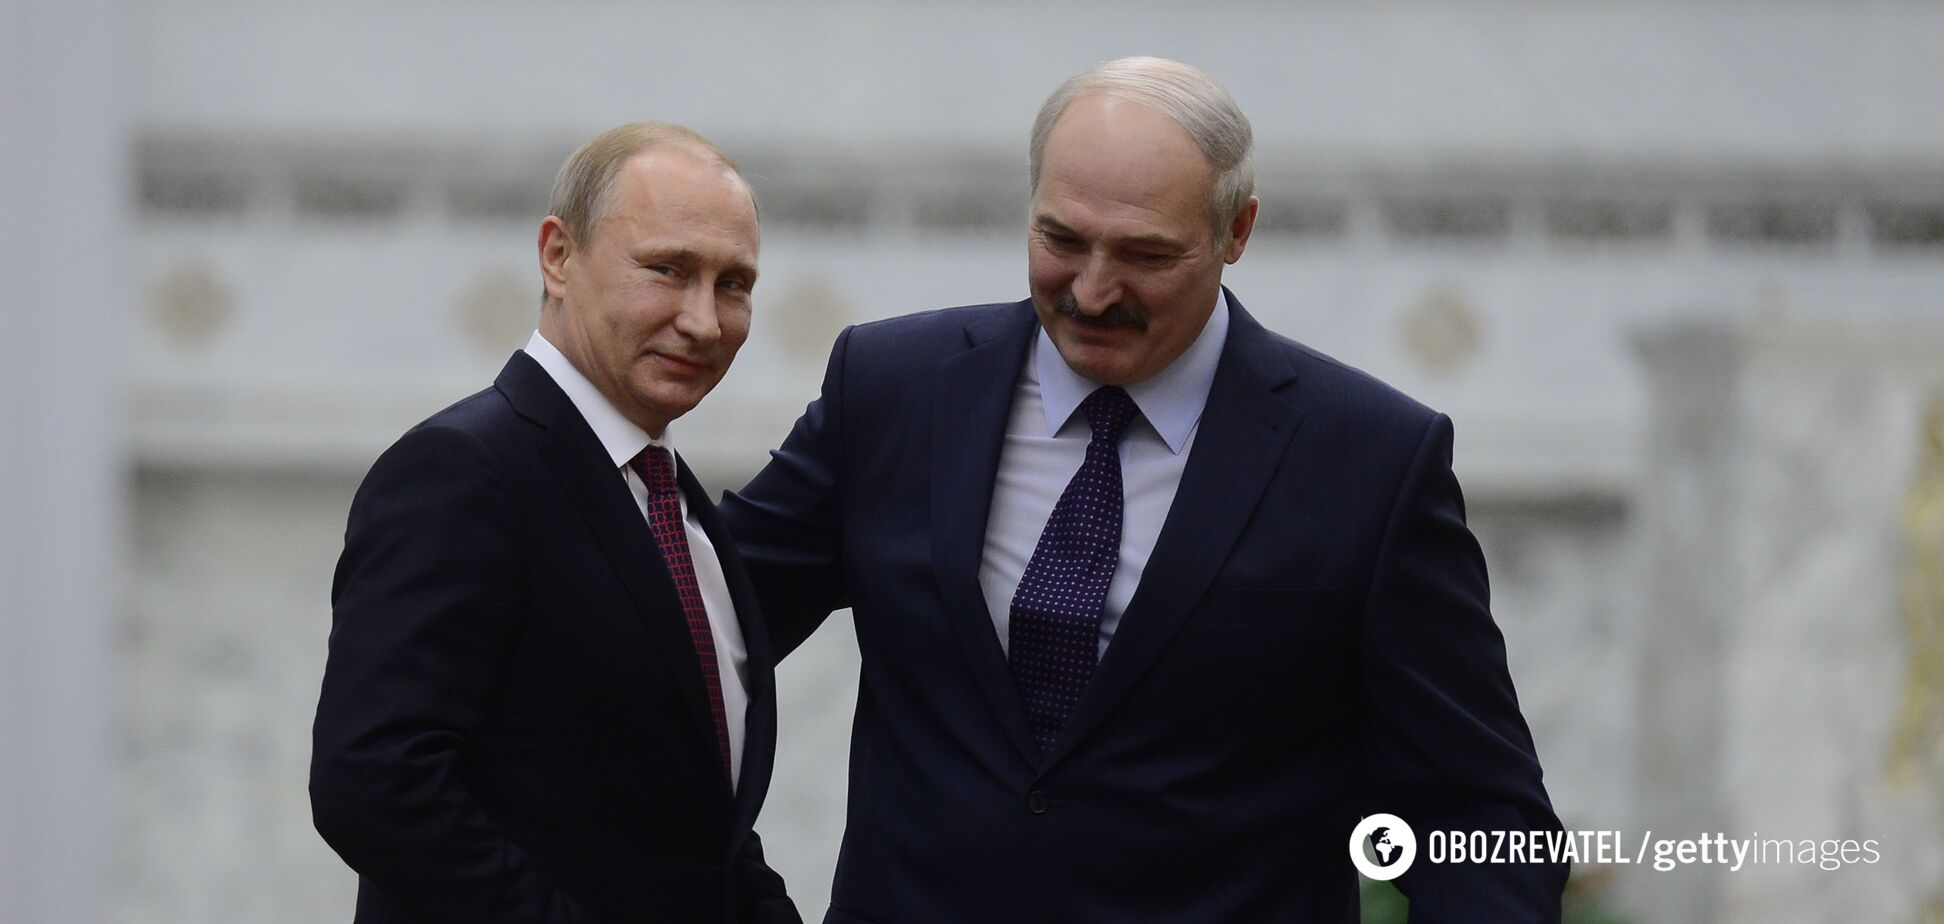 В 2019 году Россия предлагала Беларуси отдать 95% своих полномочий на 'наднациональный уровень'